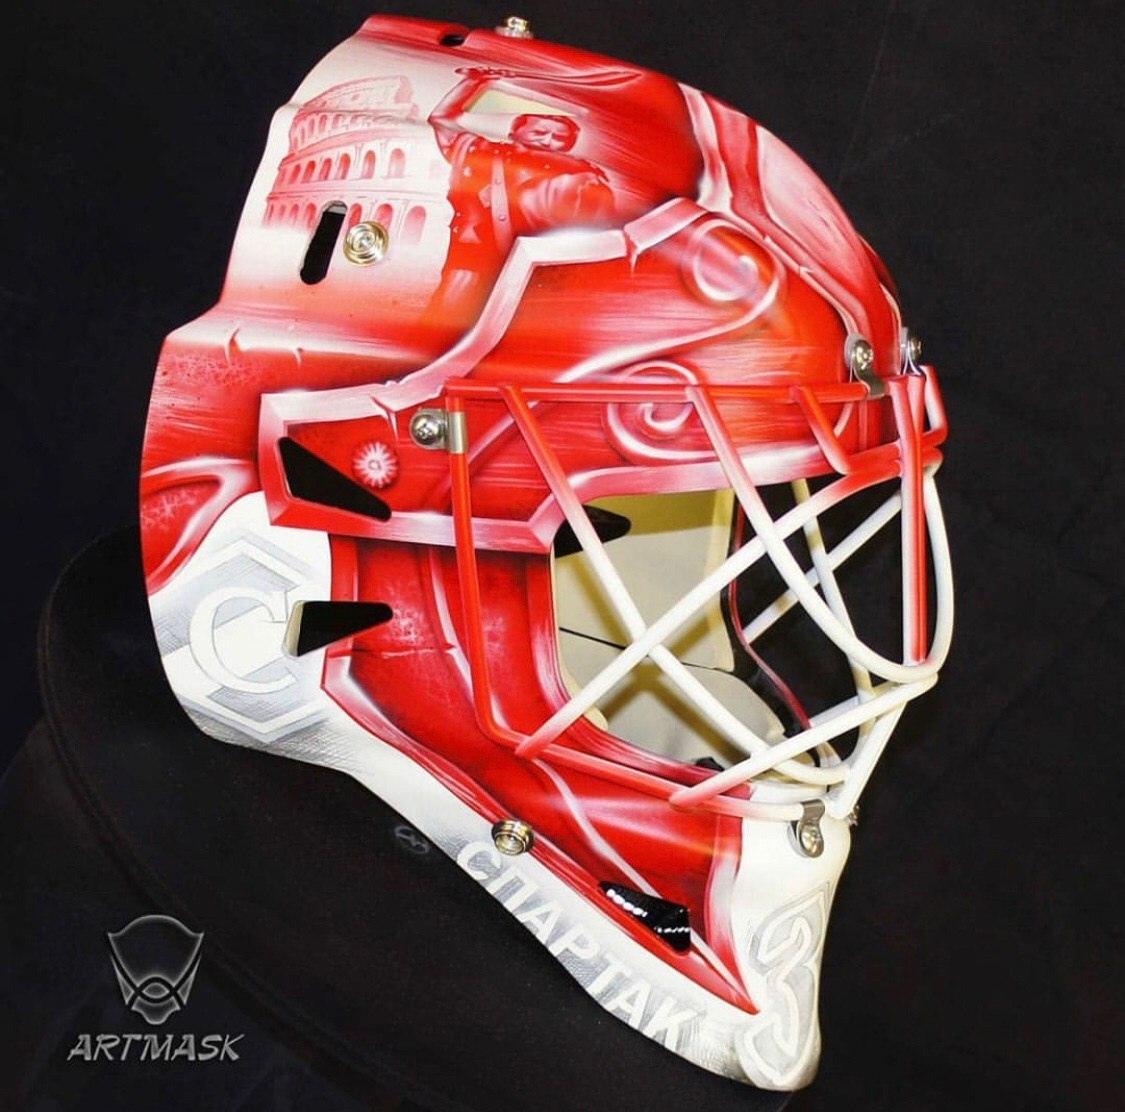 Никита Беспалов представил новый шлем к сезону-2020/21